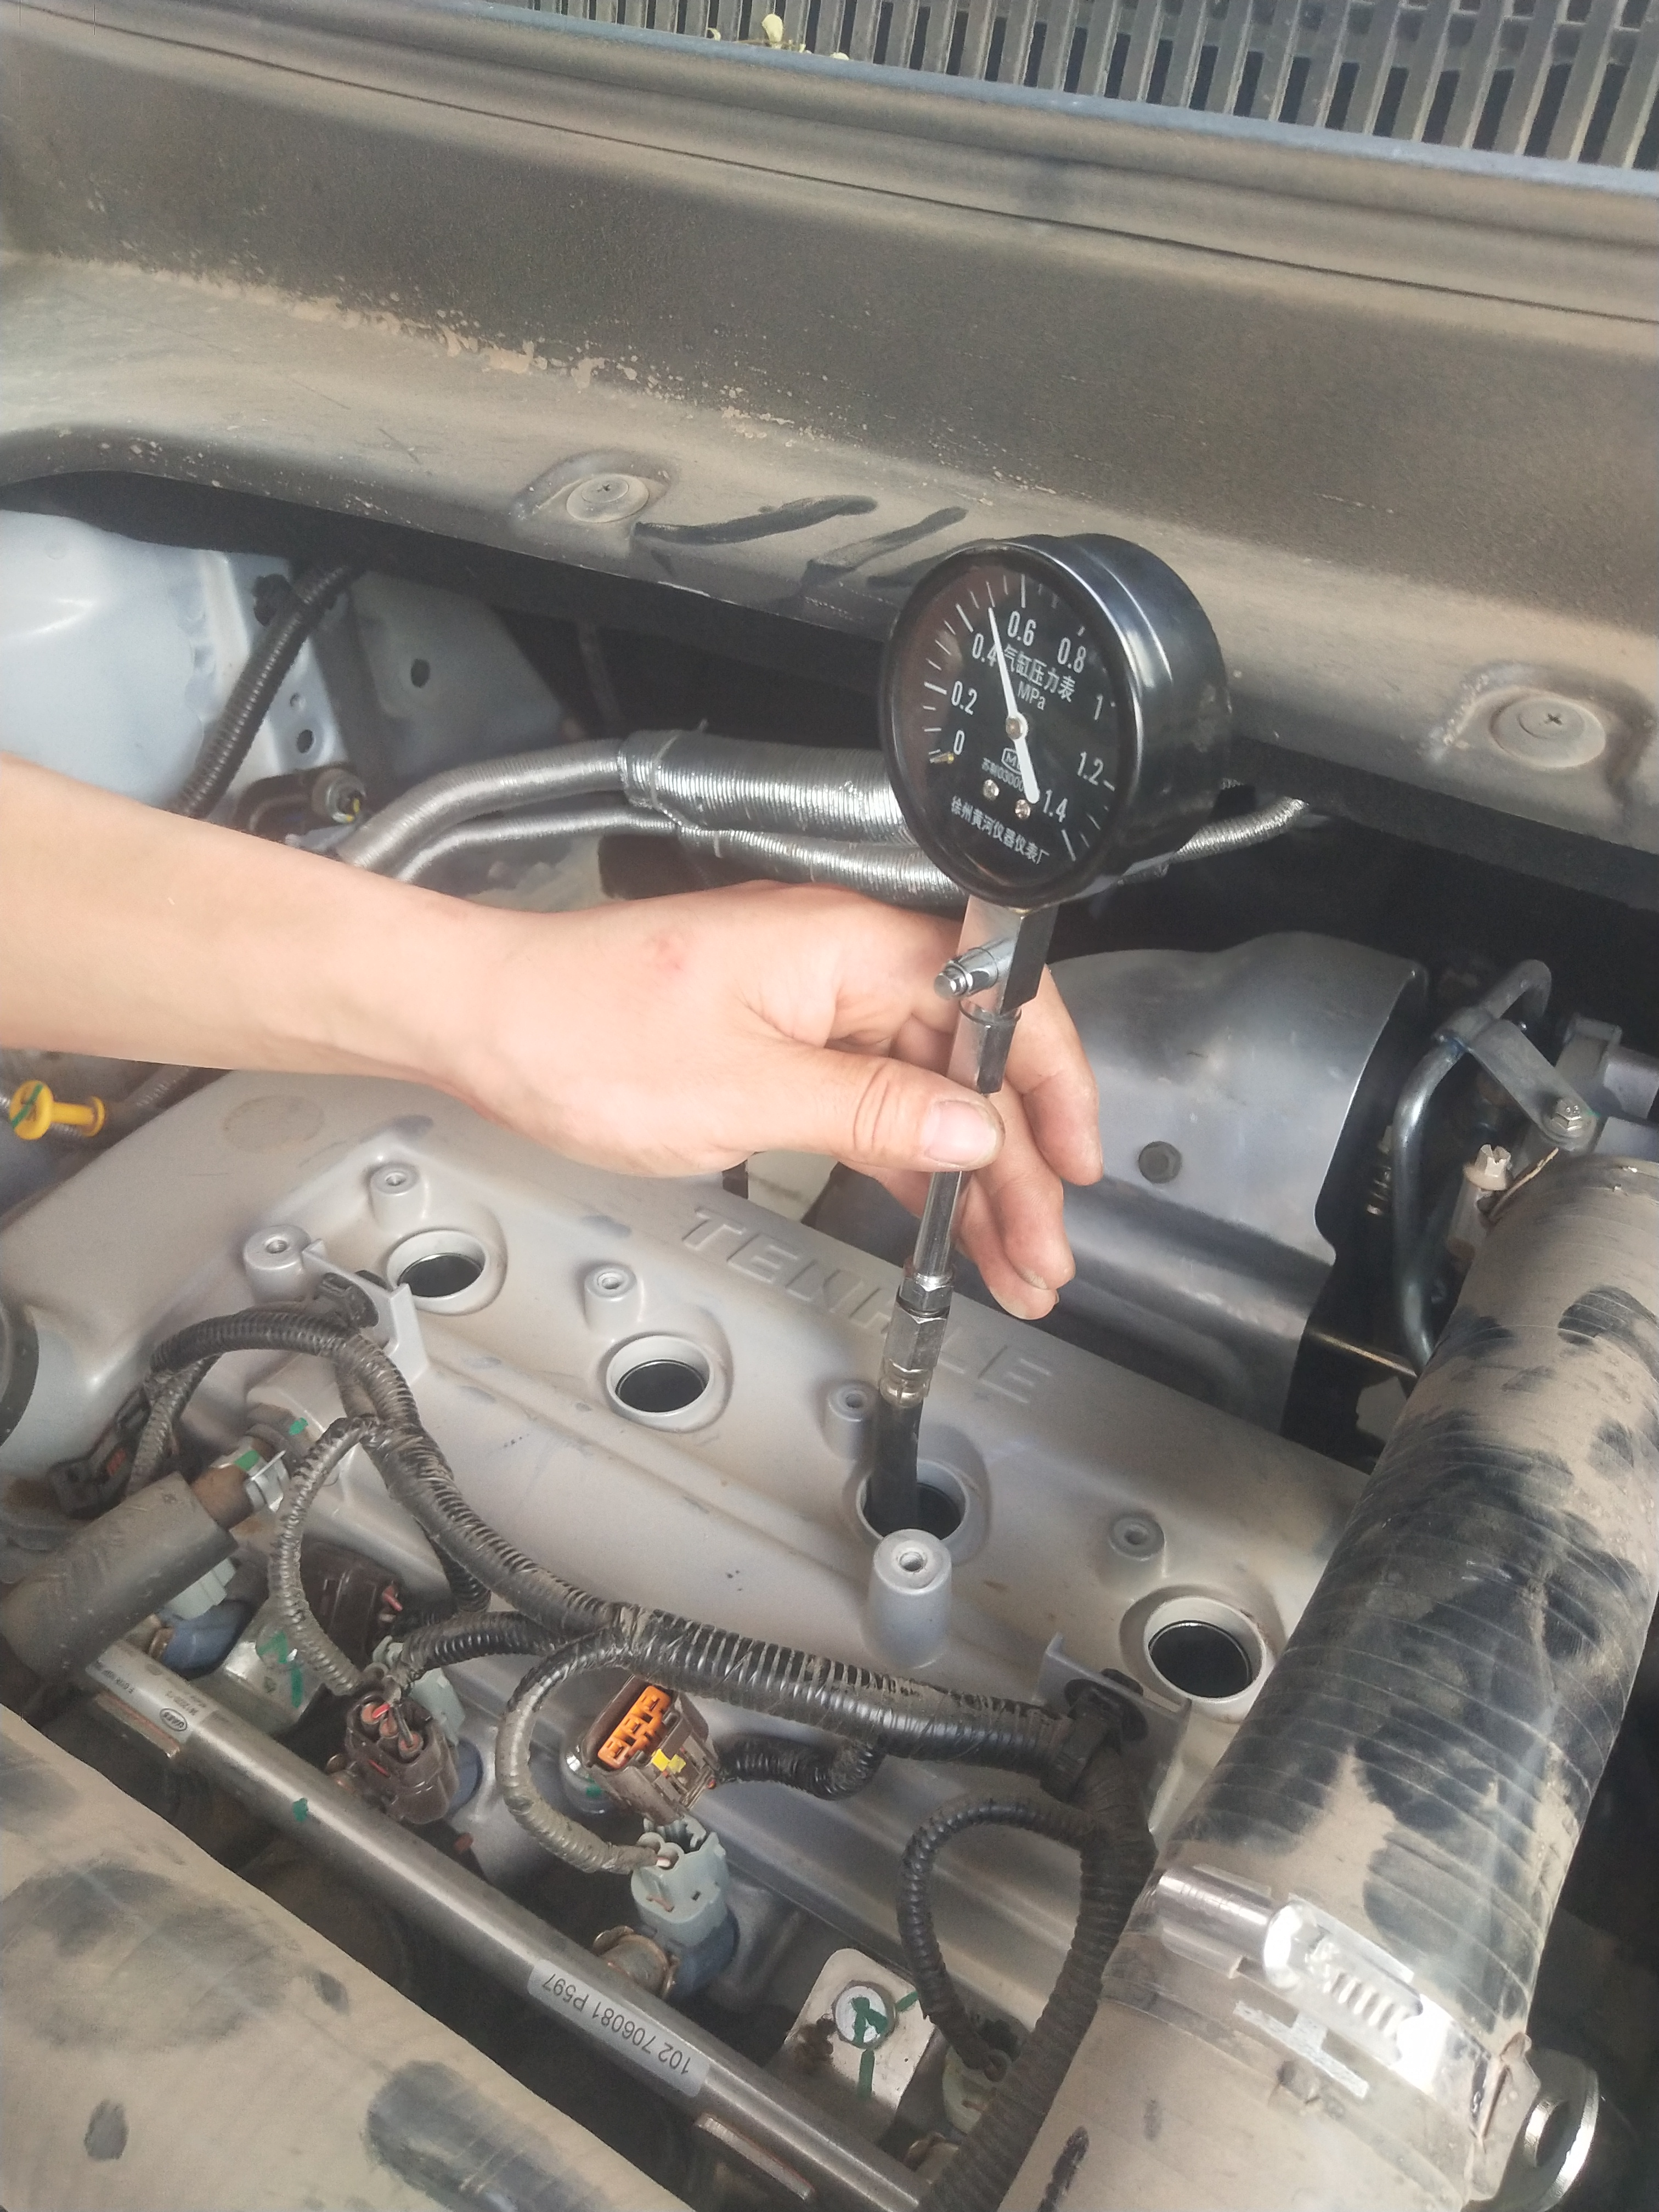 汉腾汽车-汉腾X5 发动机多次出现高温的情况